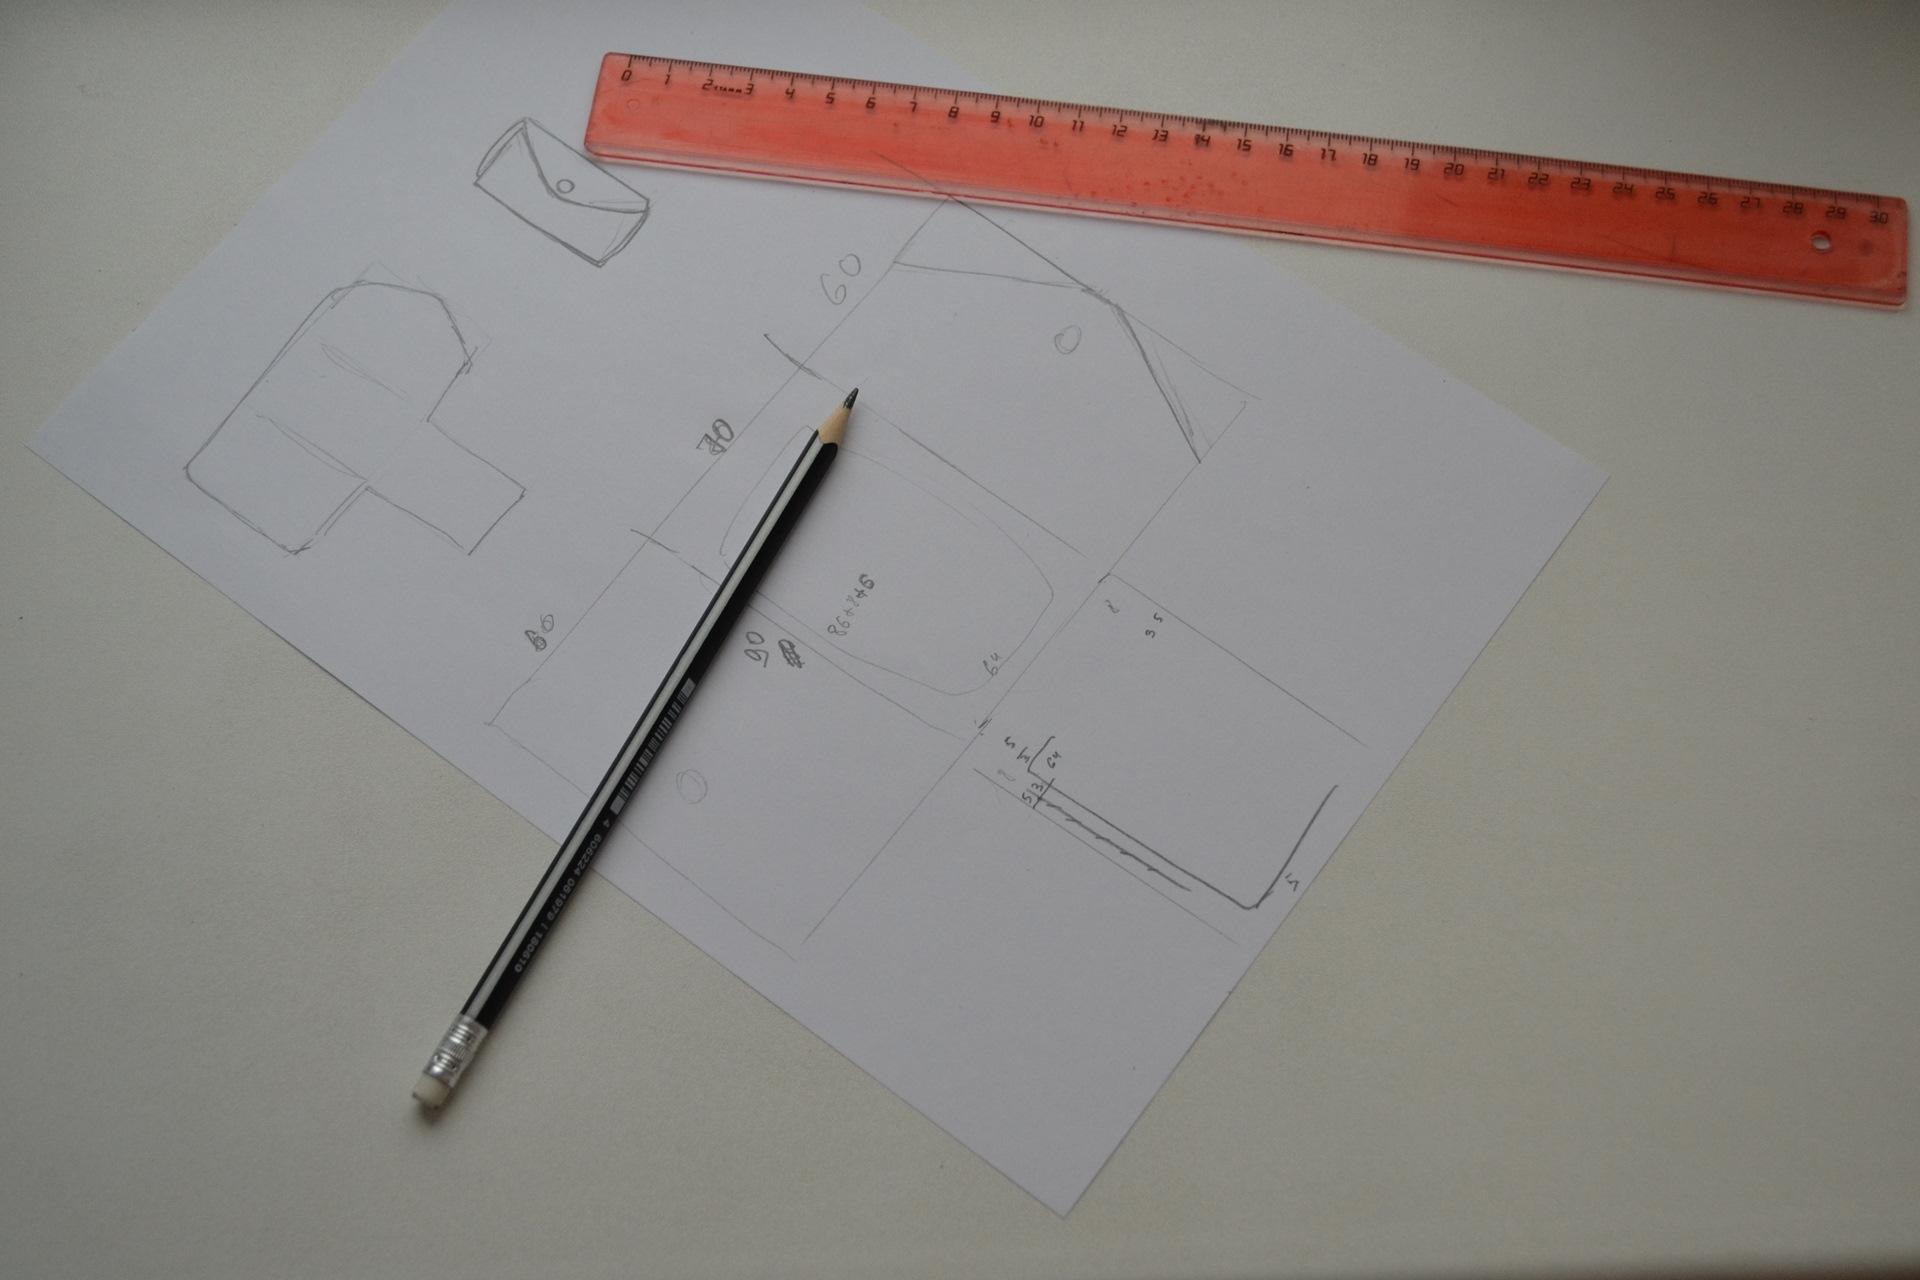 Запись схемы предложения